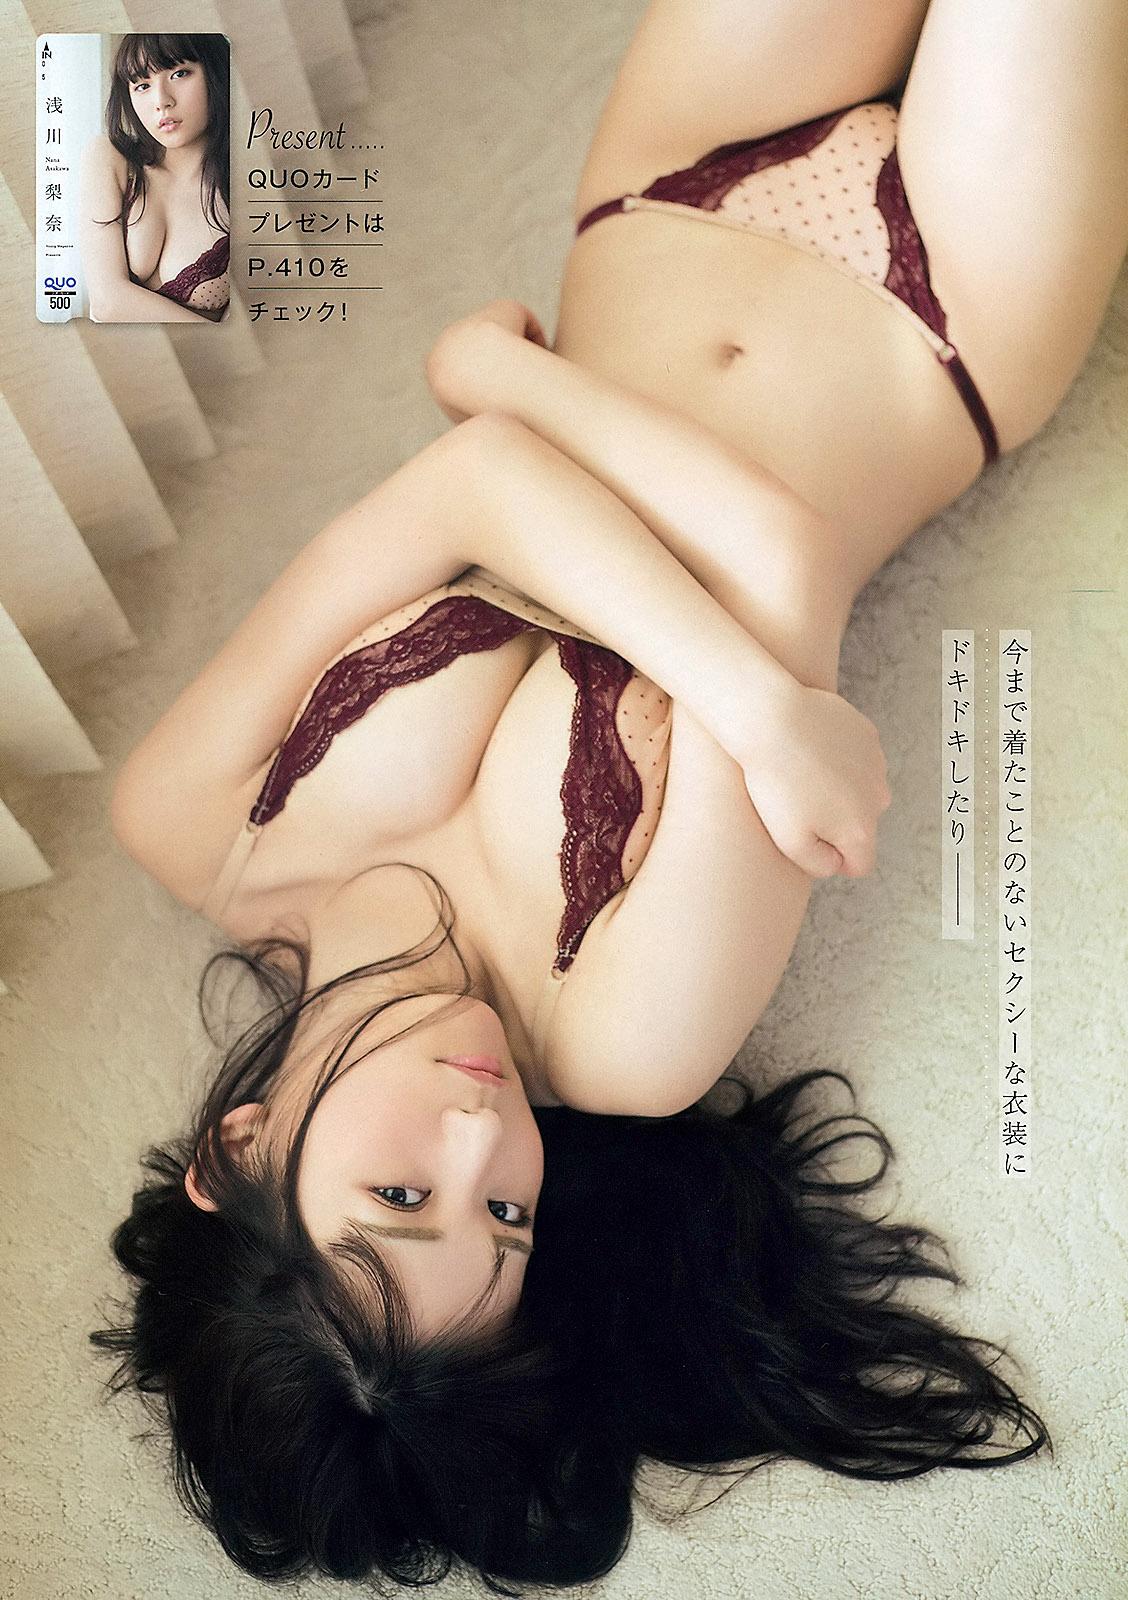 NAsakawa Young Magazine 190909 06.jpg